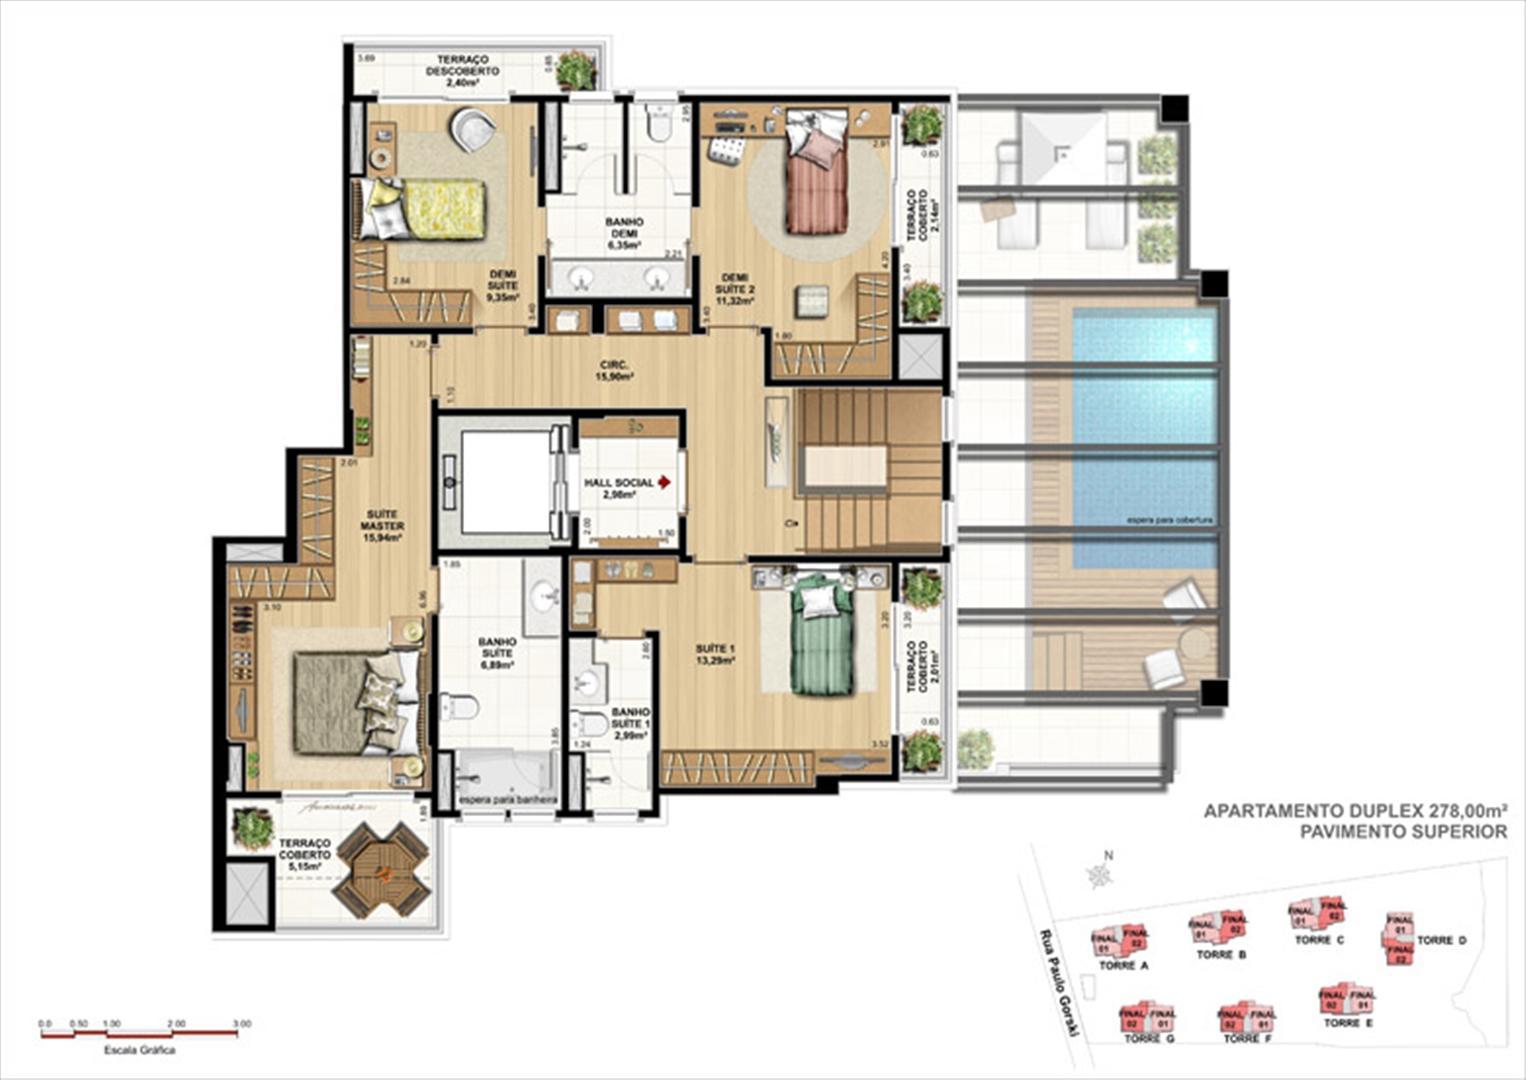 Duplex  - 278 m² pavimento superior   Ópera Unique Home – Apartamento no  Ecoville - Curitiba - Paraná